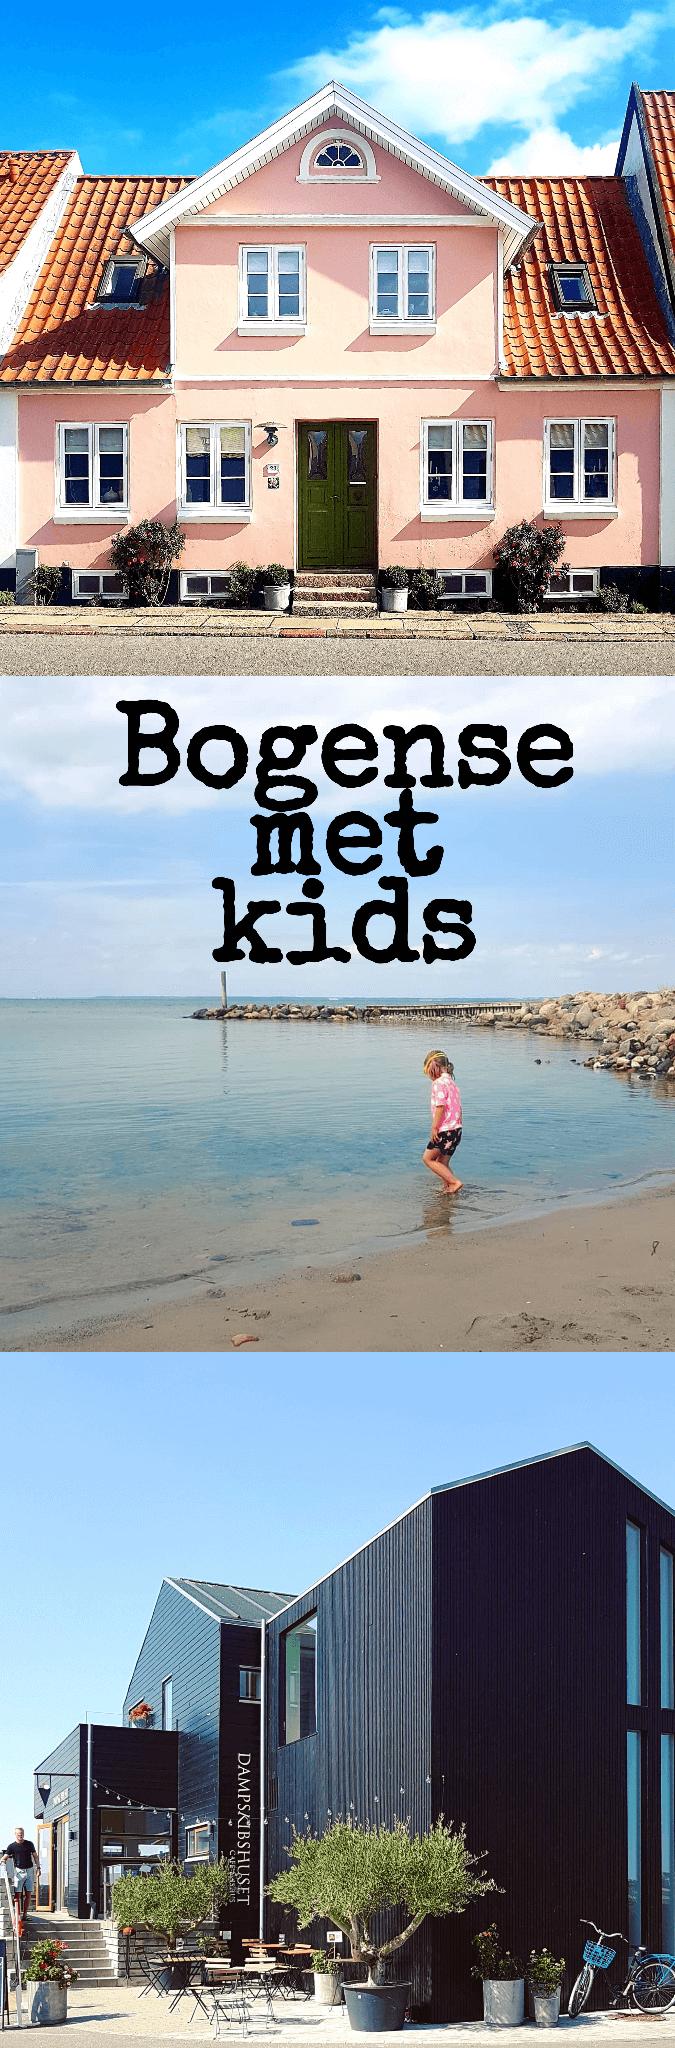 Vakantie met kids: sprookjesachtig Funen in Denemarken - Bogense strand en stadje #leukmetkids #Funen #Denemarken #kinderen